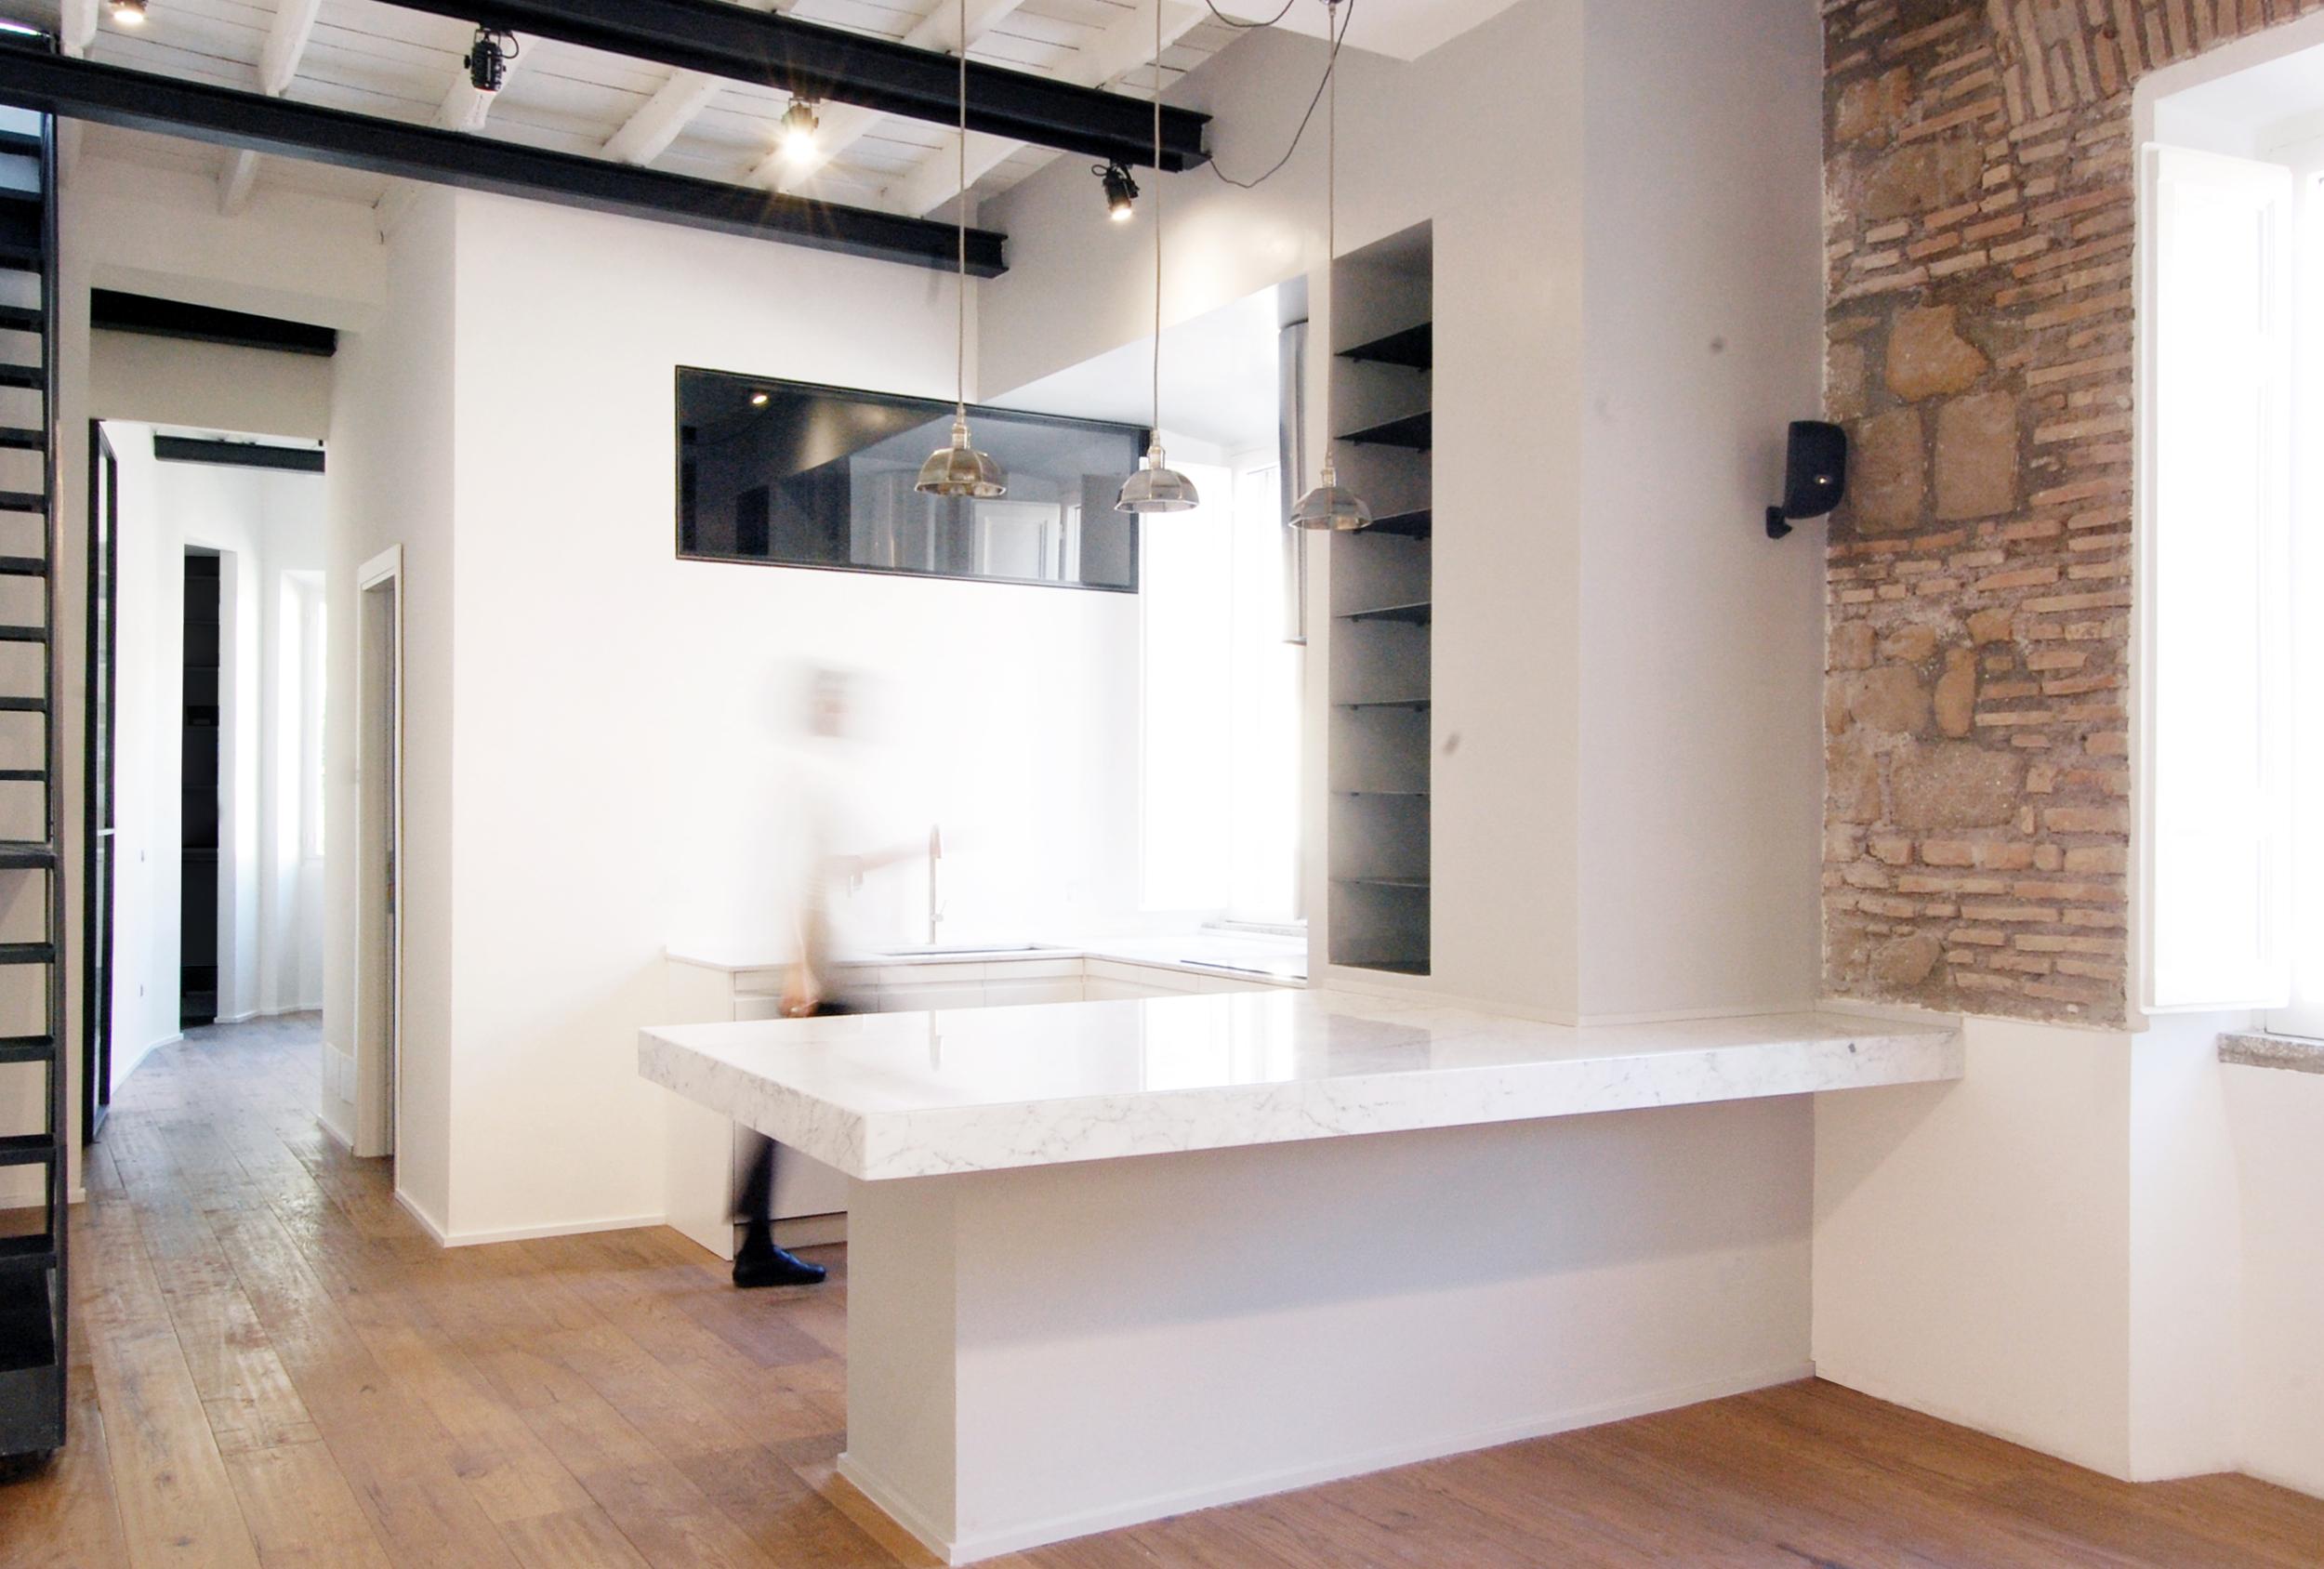 Dalla zona living con lo sguardo rivolto verso la cucina, con il piano in marmo di Carrara a distinguere gli ambiti e la scala sulla sinistra che conduce alla terraza superiore. In fondo, la zona notte.